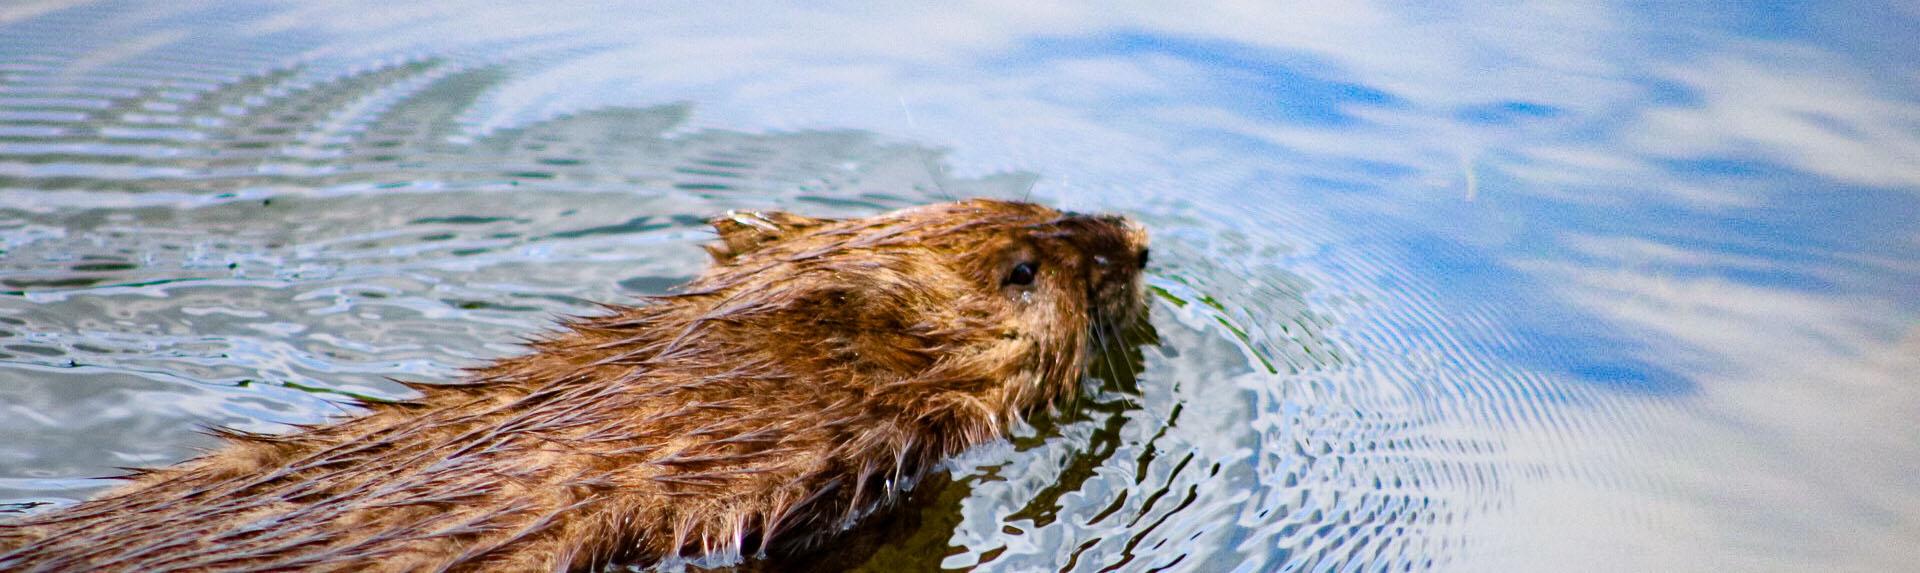 wildlife_Kathy Braznick_mammals